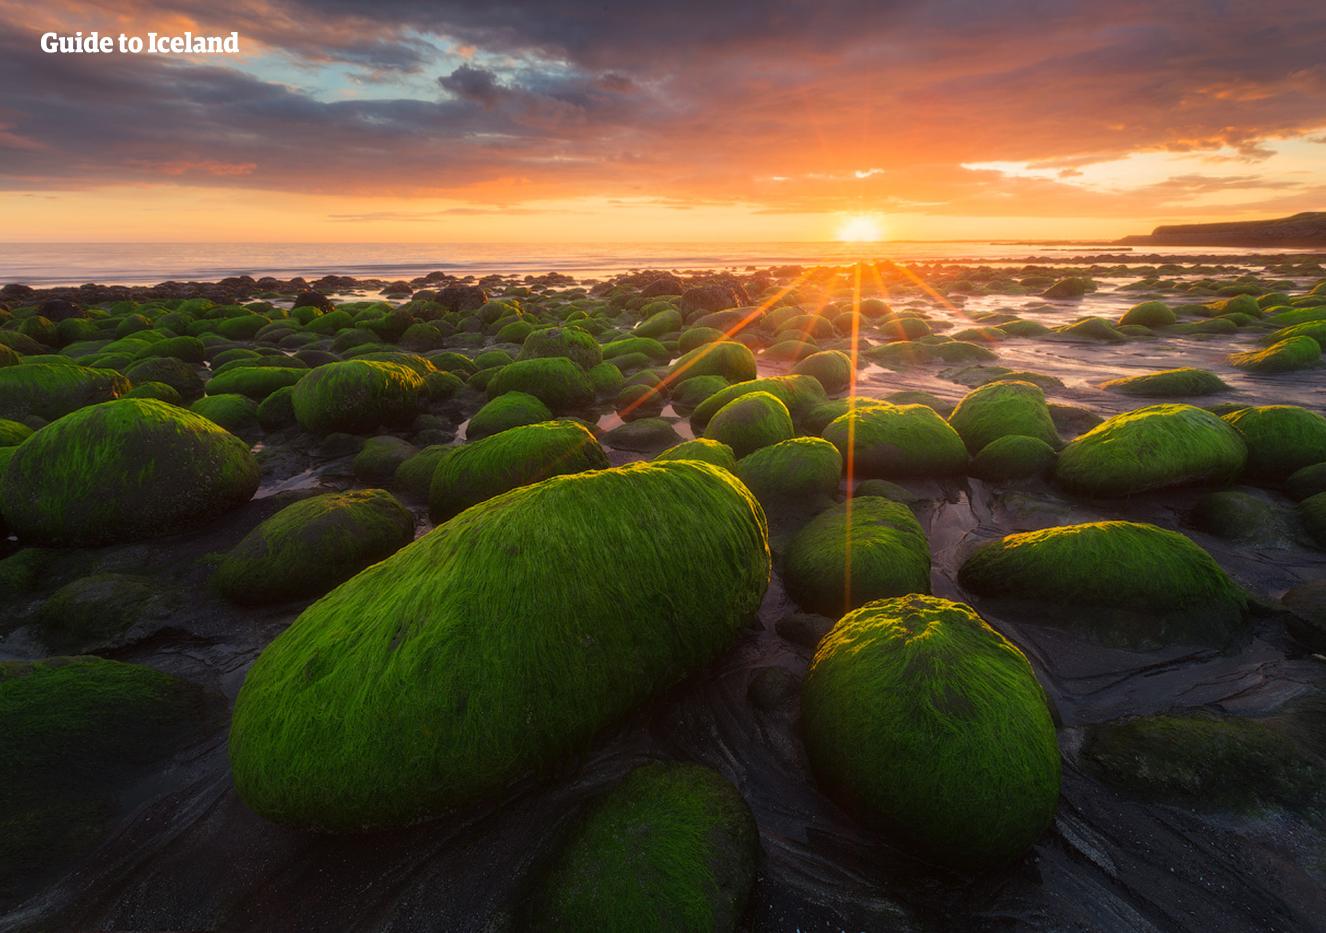 คาบสมุทรเรคยาเนสเป็นที่รู้จักกันในเรื่องของความสวยงามของธรรมชาติที่เหลื่อมล้ำกัน